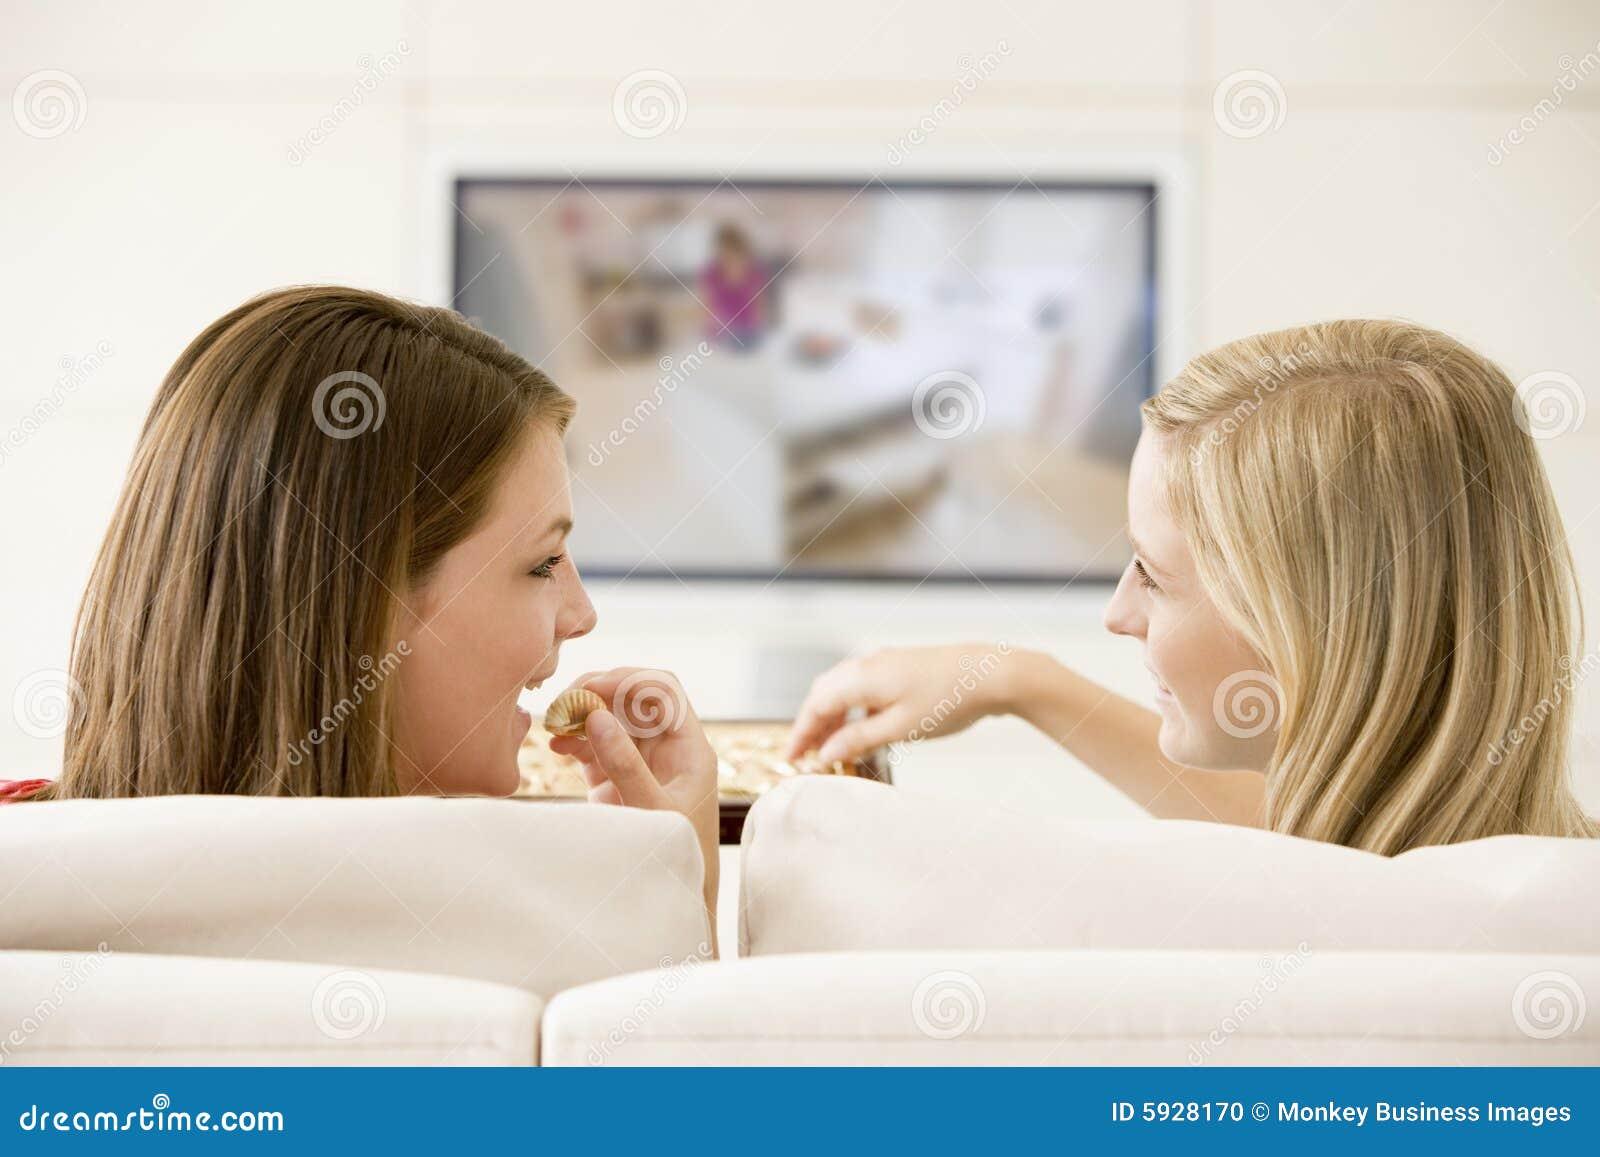 Zwei Frauen in überwachendem Fernsehen des Wohnzimmers